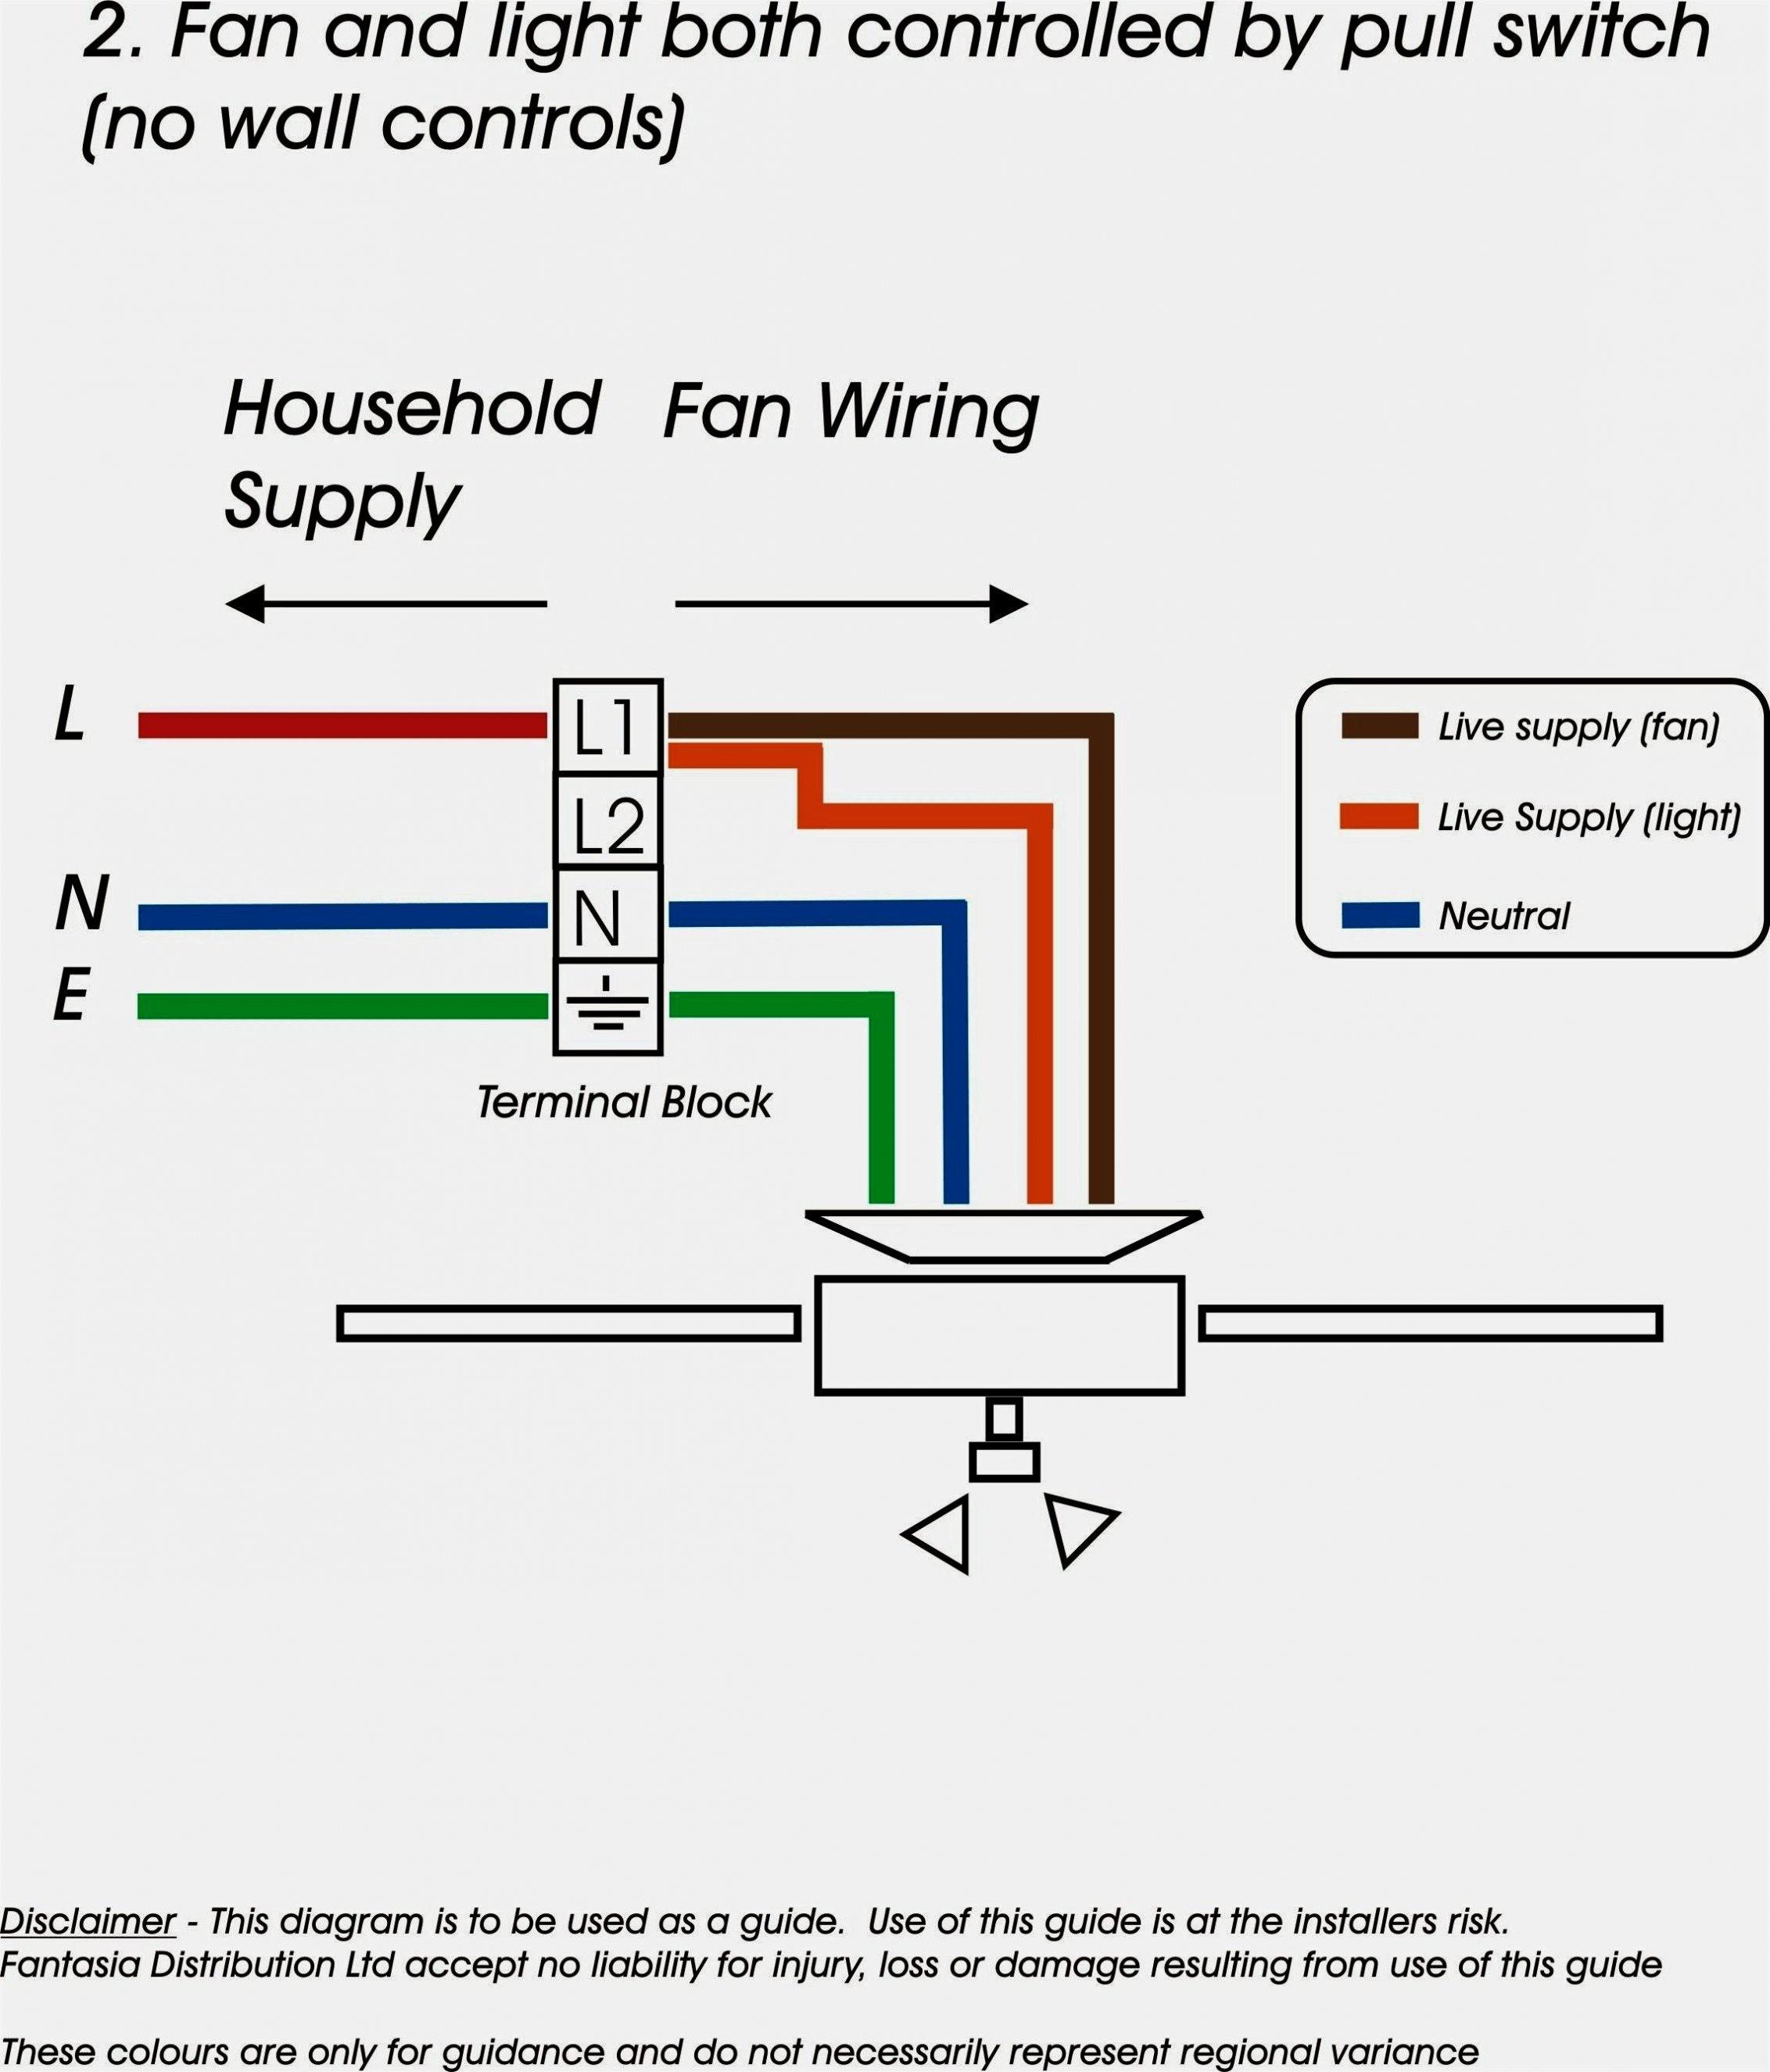 ceiling fan 3 speed wall switch wiring diagram Collection-Ceiling Fan Pull Chain Switch Wiring Diagram Best 3 Speed New Hunter 18 20-f